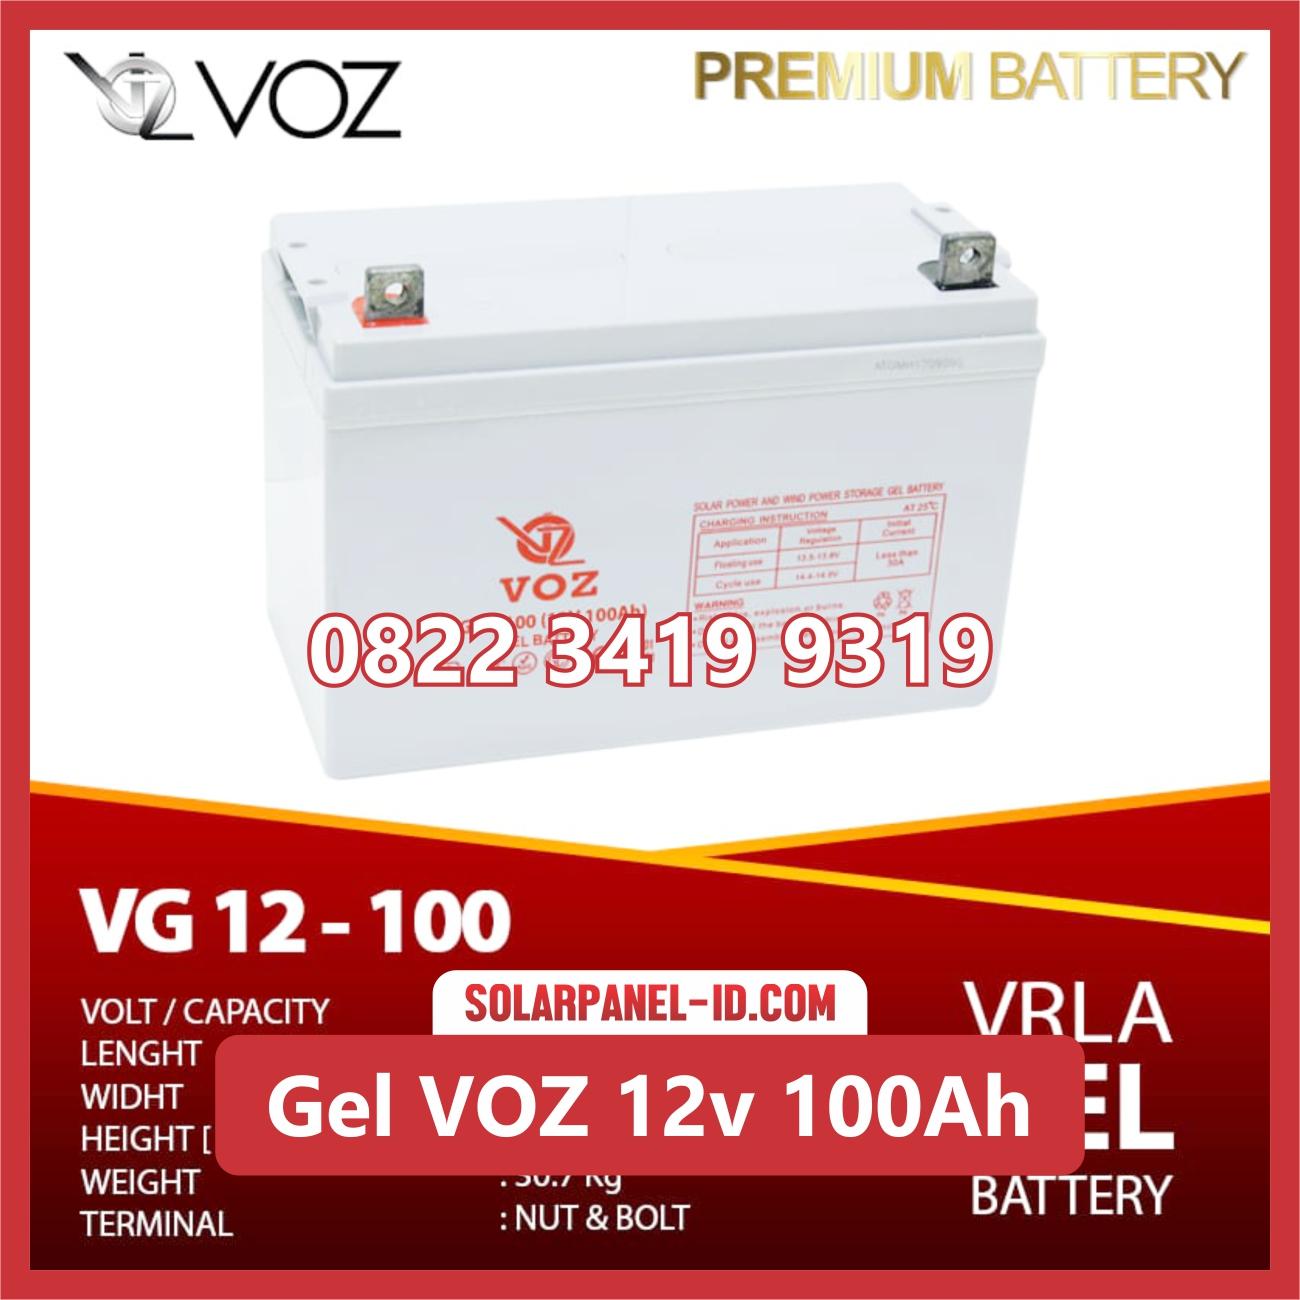 VOZ baterai kering gel 12v 100ah baterai pju tenaga surya